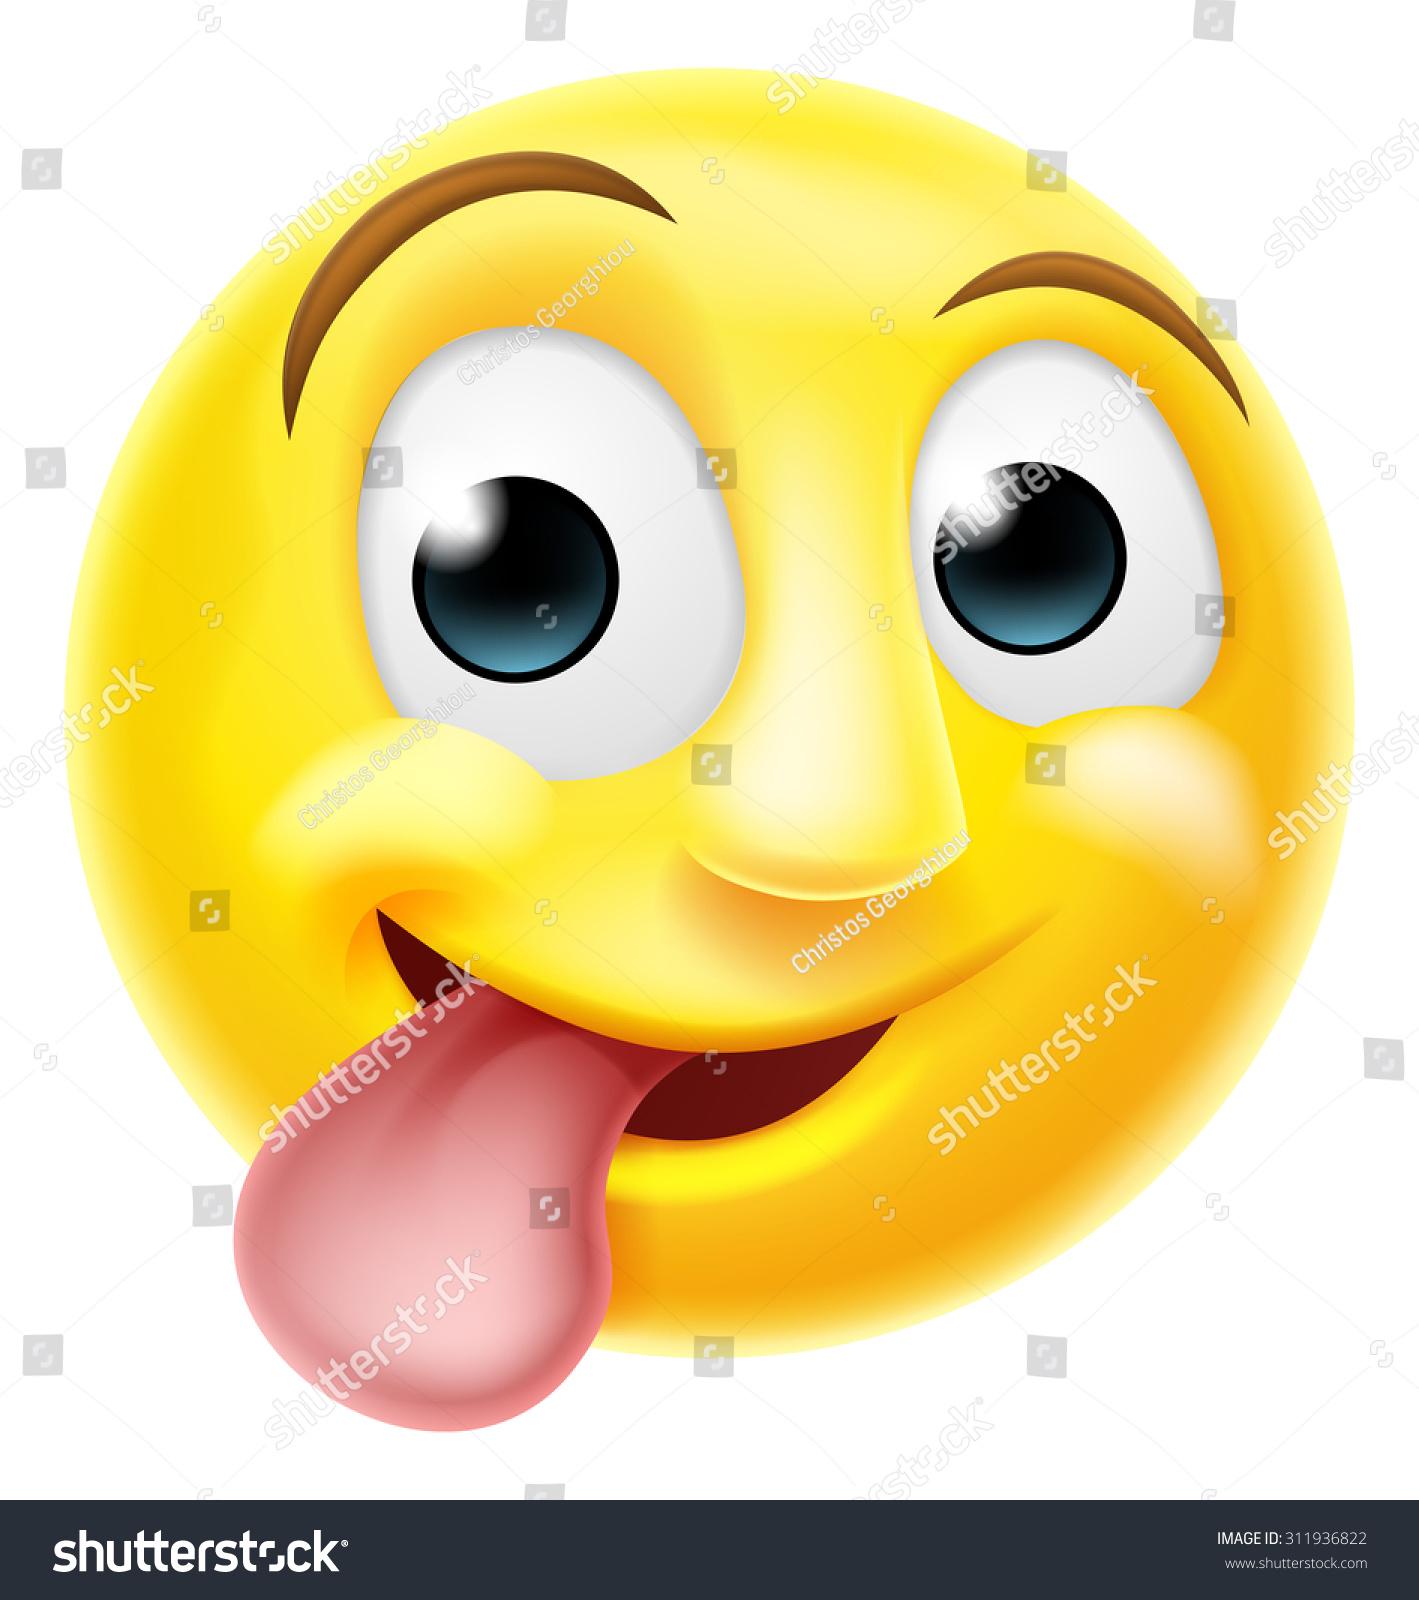 Tongue licking emoji